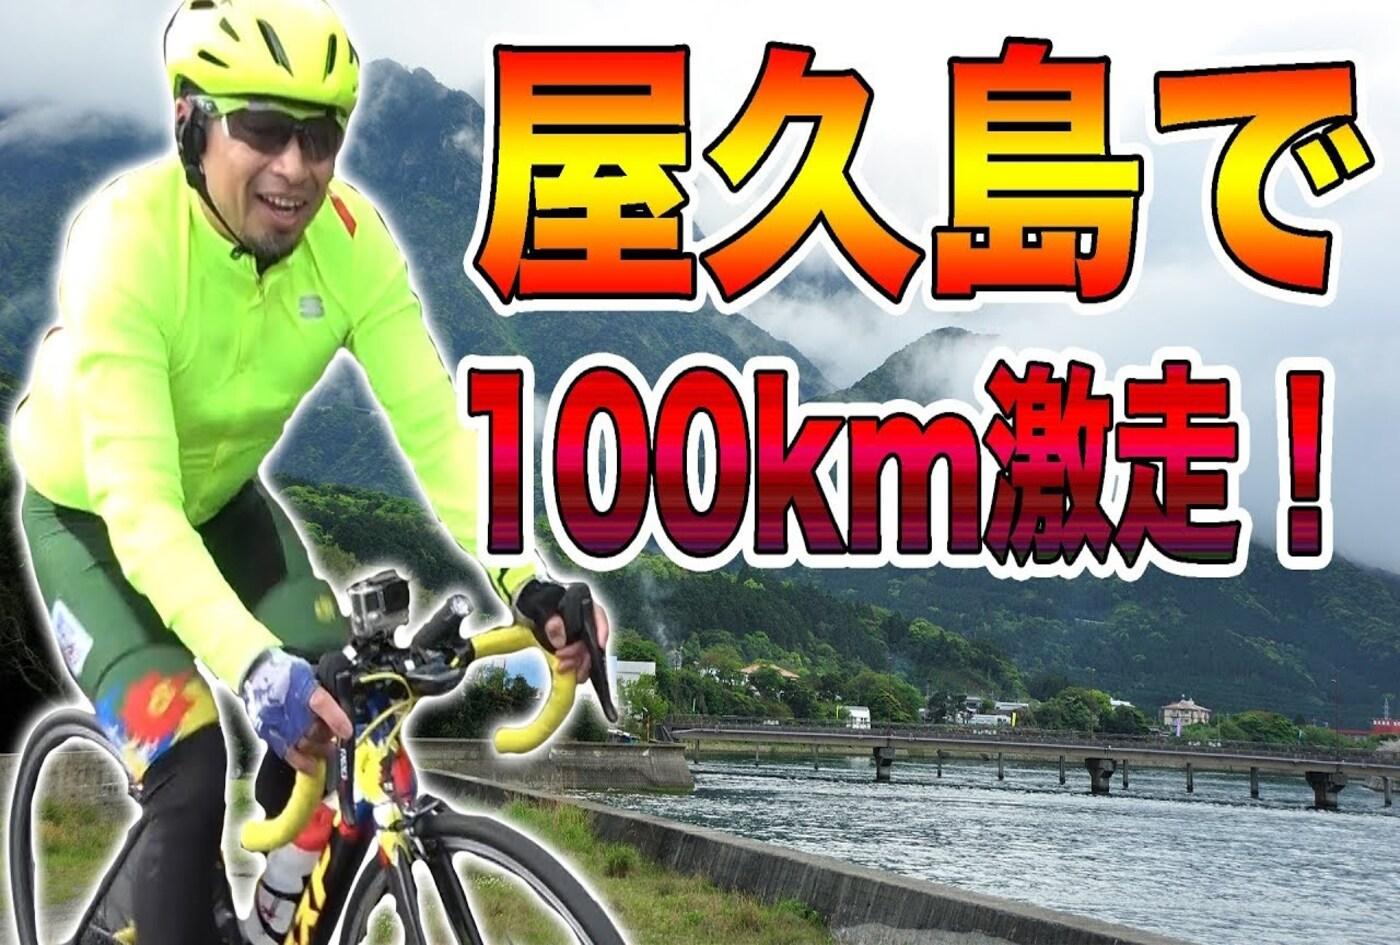 サイクリング屋久島&屋久島ヒルクライム   鹿児島県